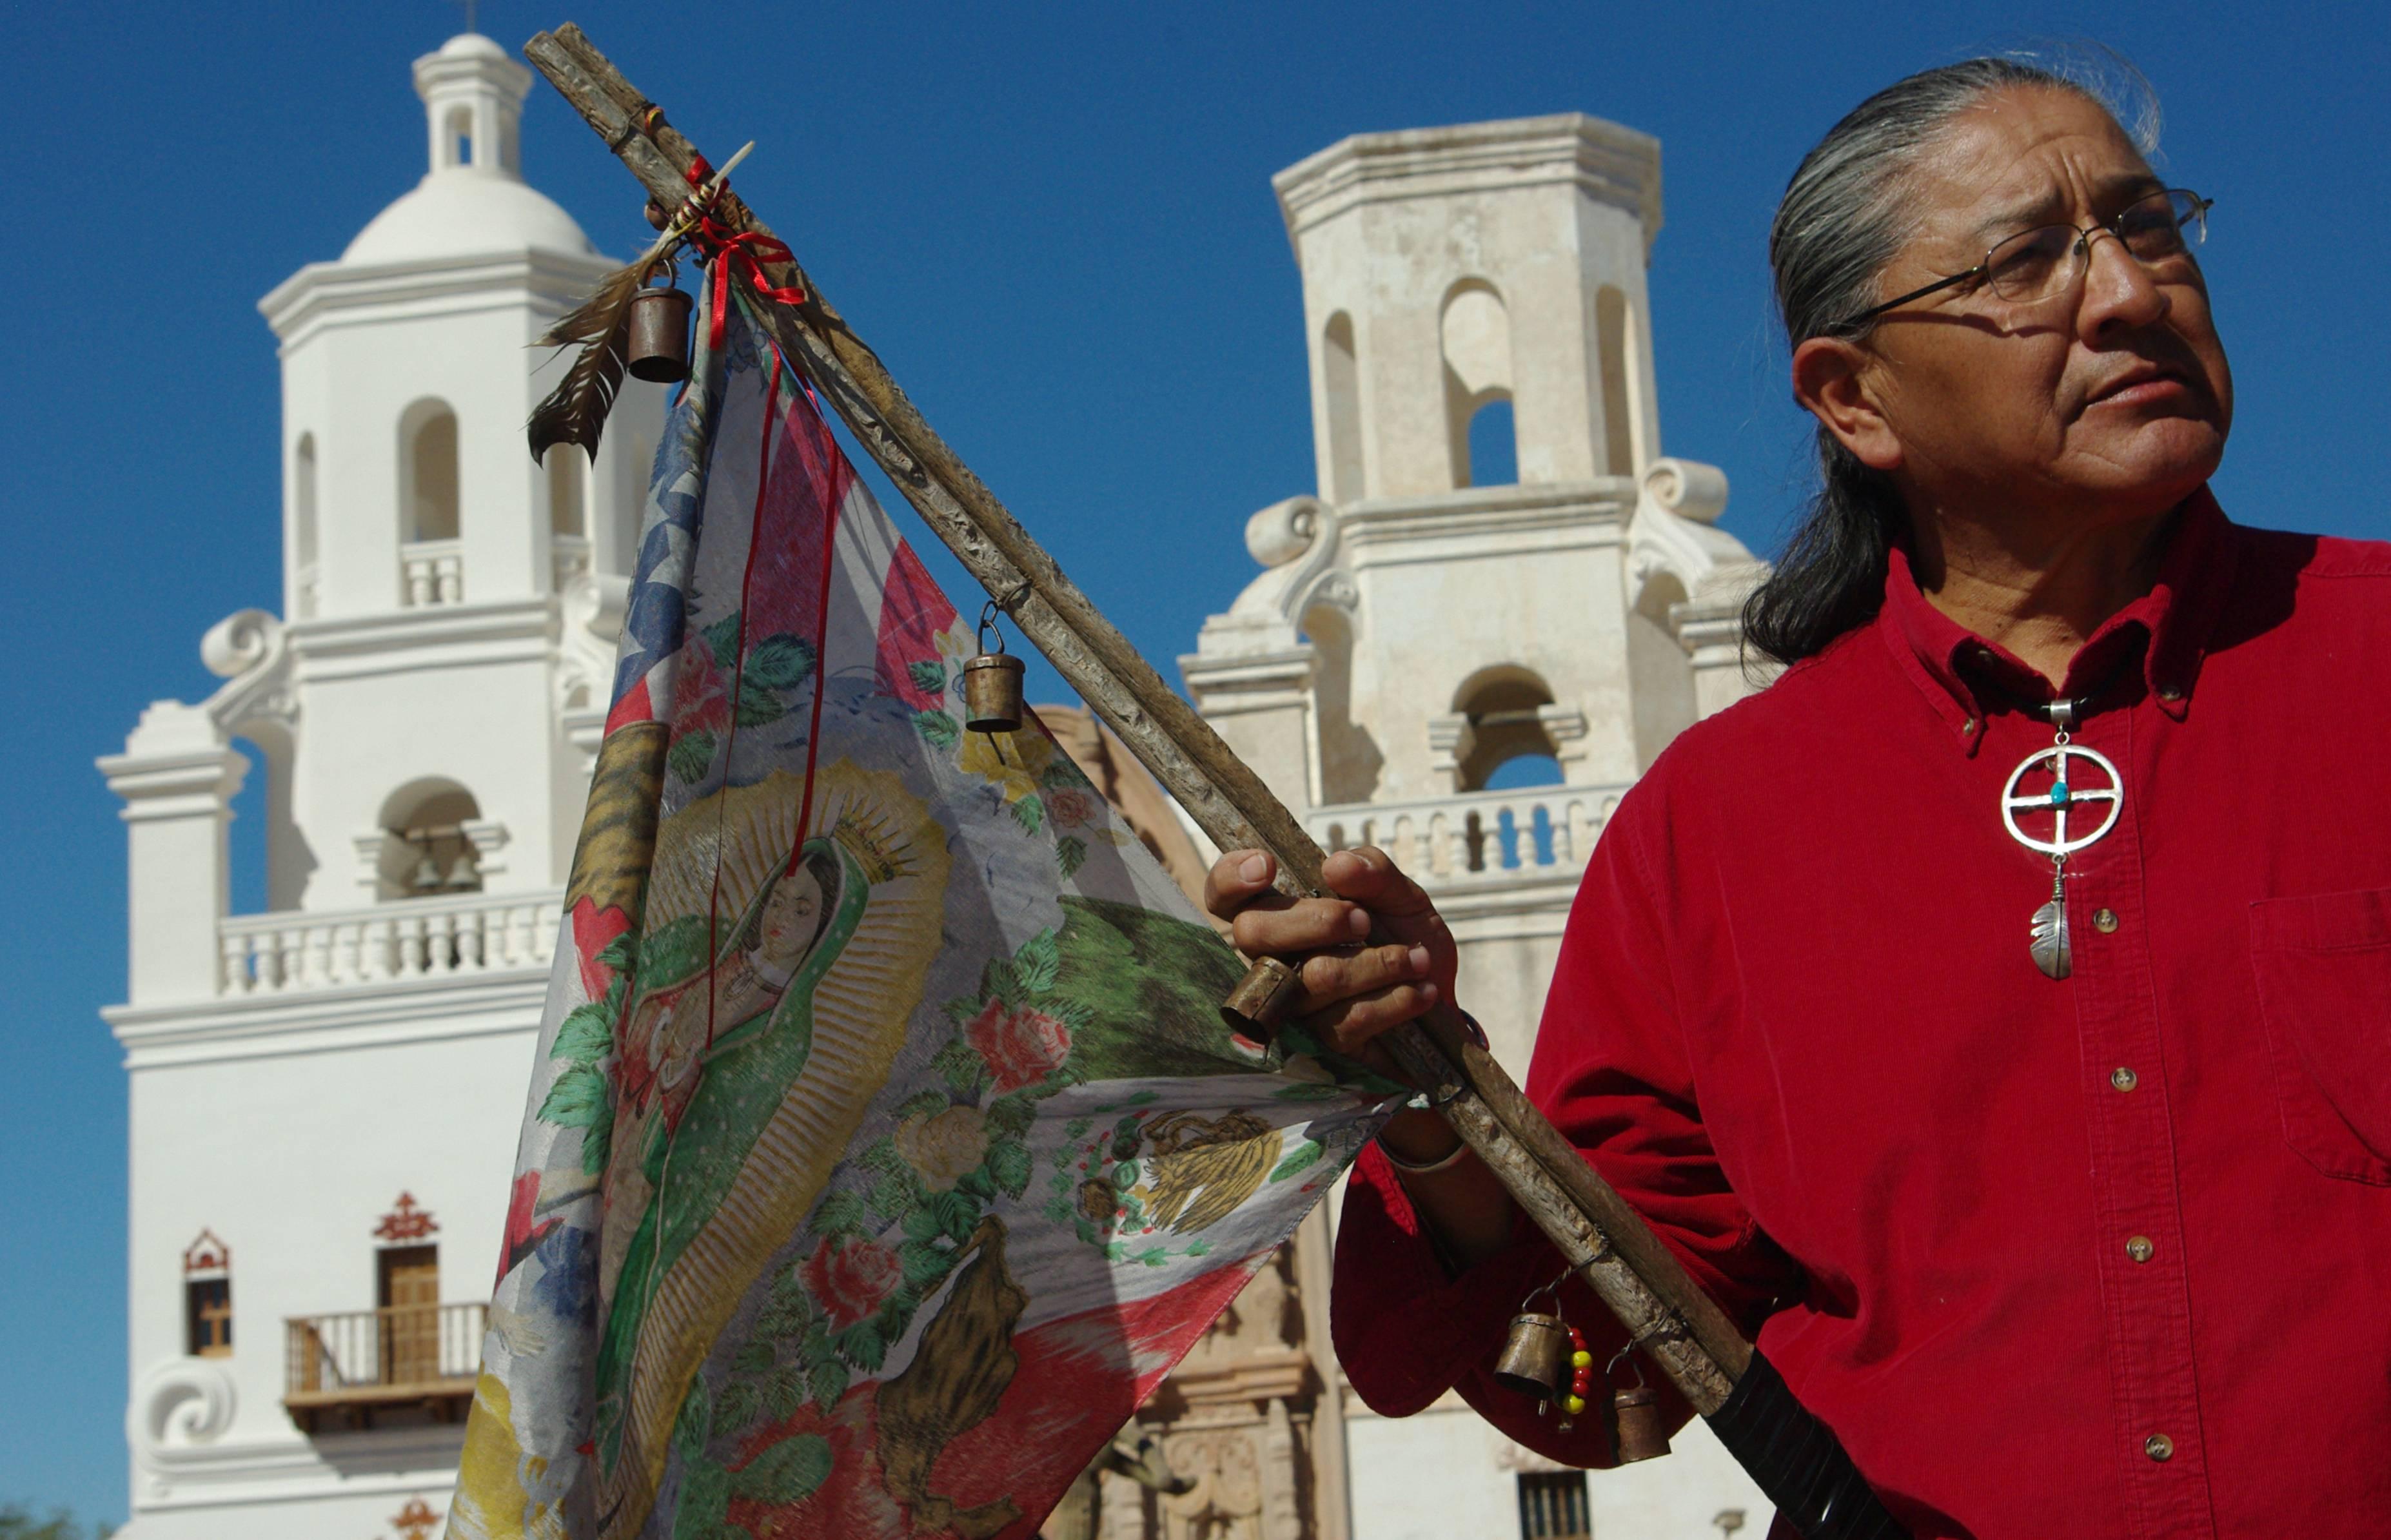 Photos, Bios, Mike Wilson @ San Xavier, Mission - Dia de los Muertos Pilgrimage, by Hyatt 10-31-09